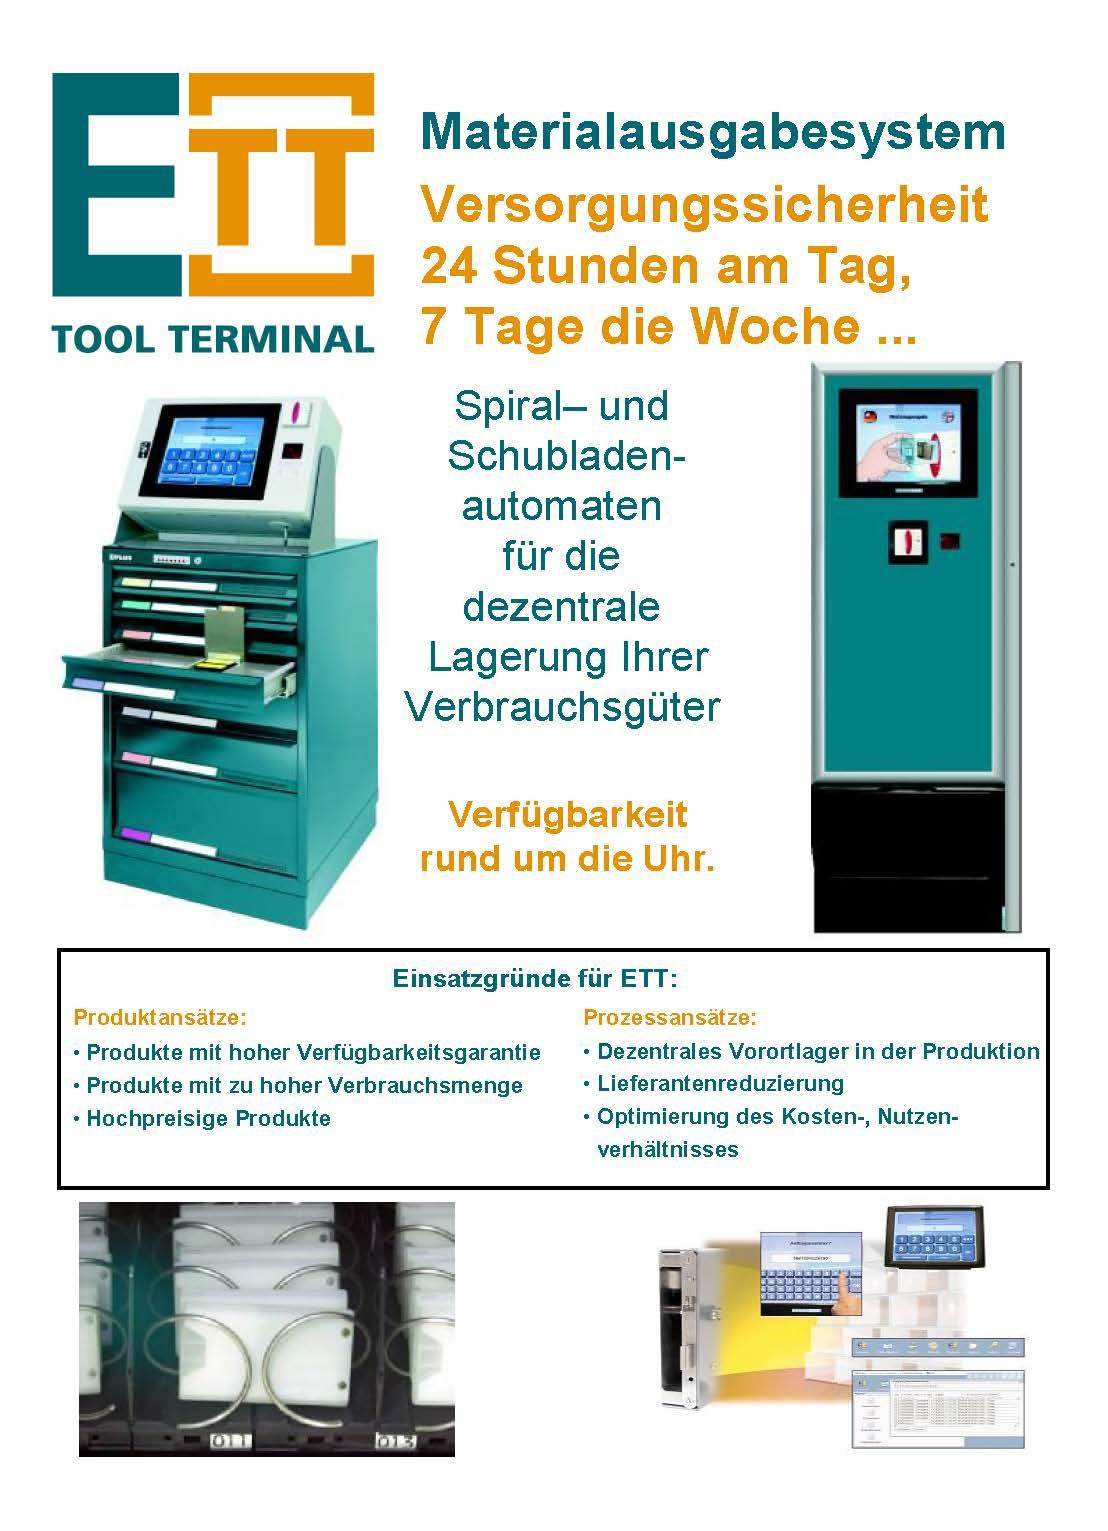 Ett-Tool-Terminal